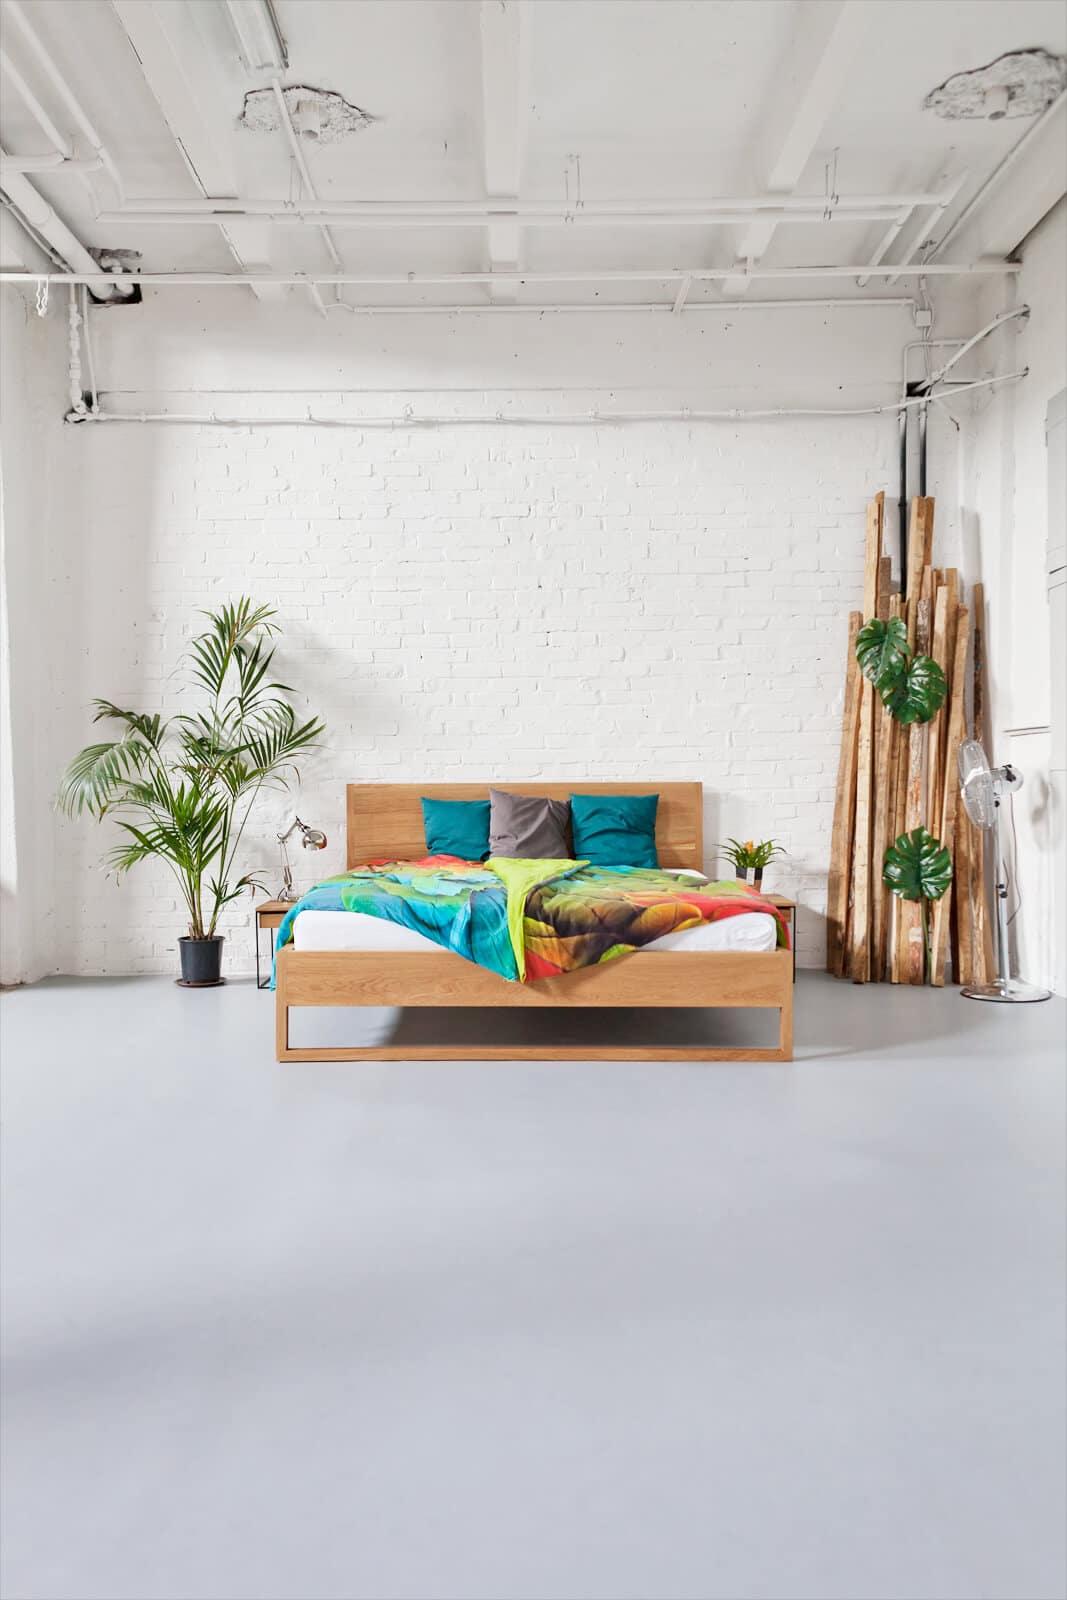 Full Size of Pure Oak Bett 101 N51e12 Design Manufacture Weißes Schlafzimmer Günstig Komplettes Landhausstil Set Weiß Massivholz Esstisch Nolte Komplett Schrank Mit Schlafzimmer Massivholz Schlafzimmer